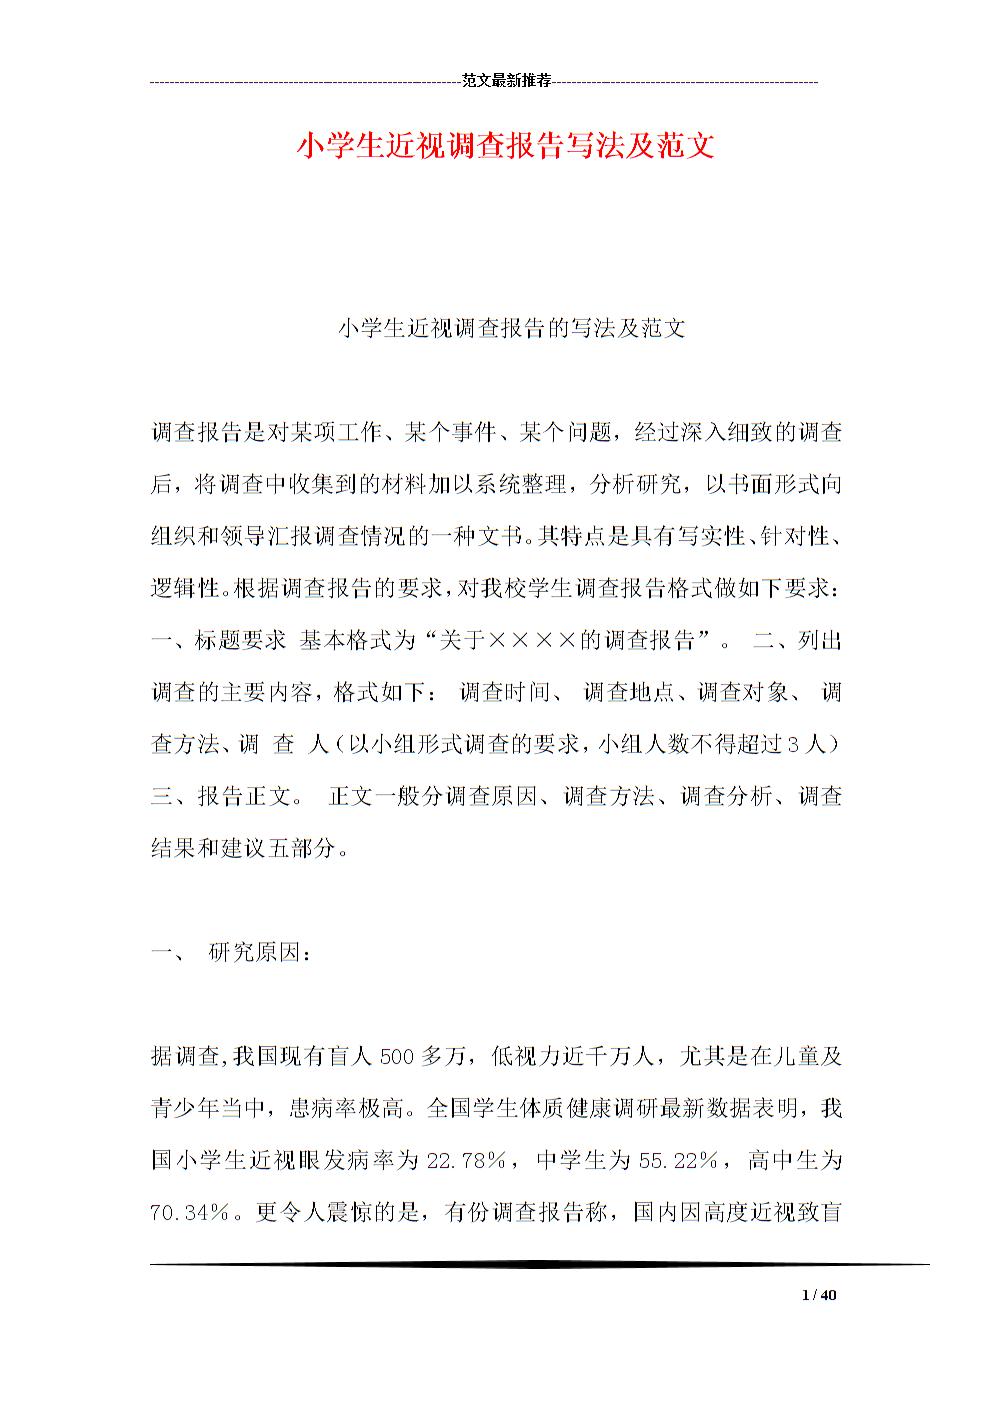 小学生近视调查报告写法及范文.doc图片